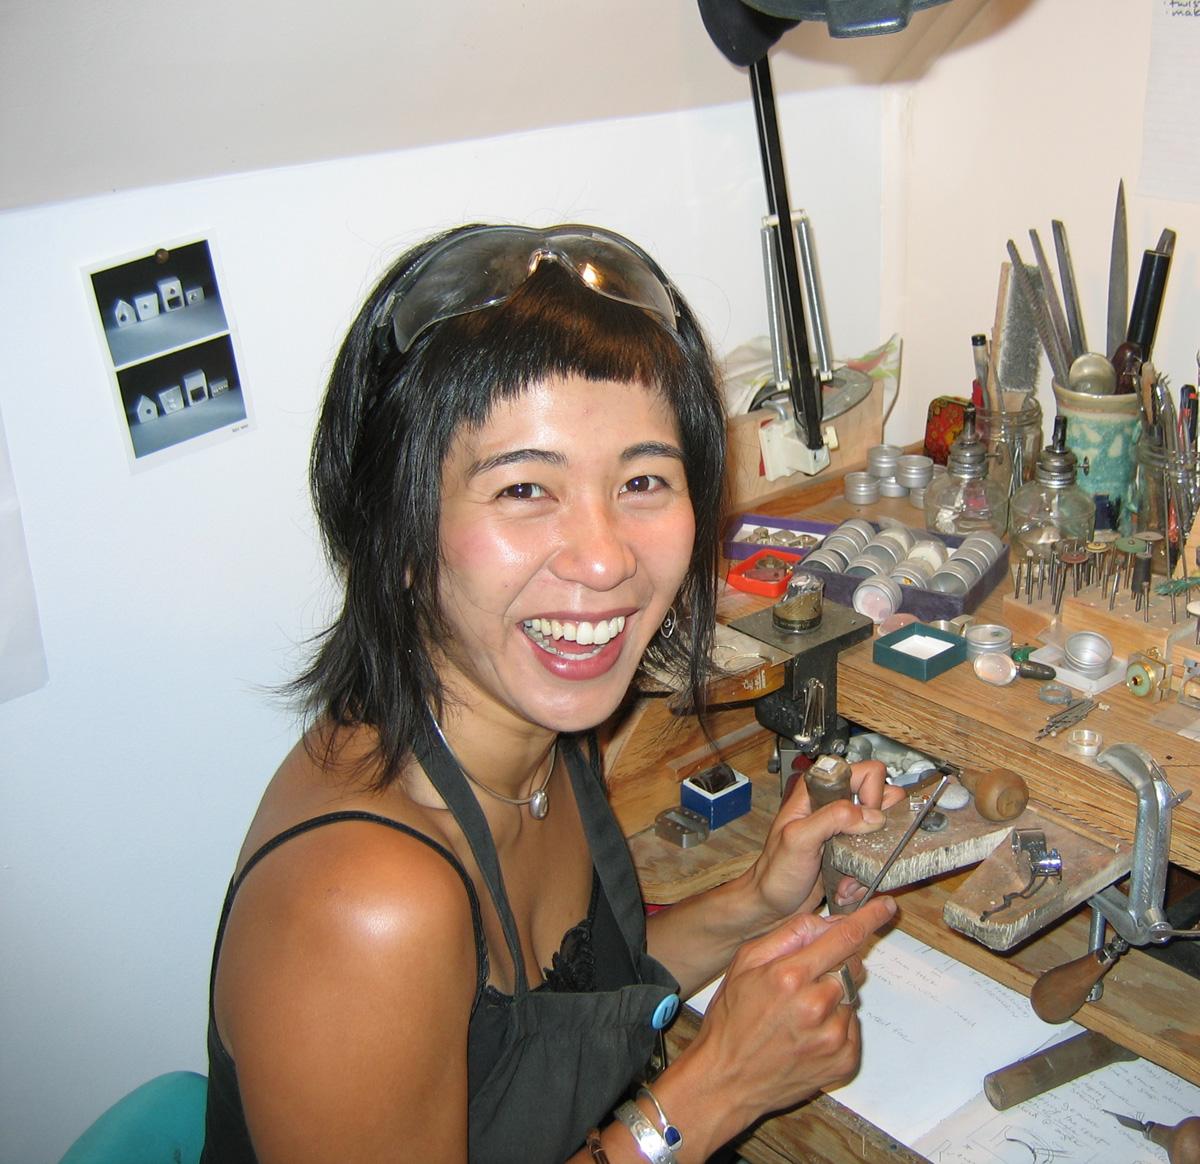 Kari Woo